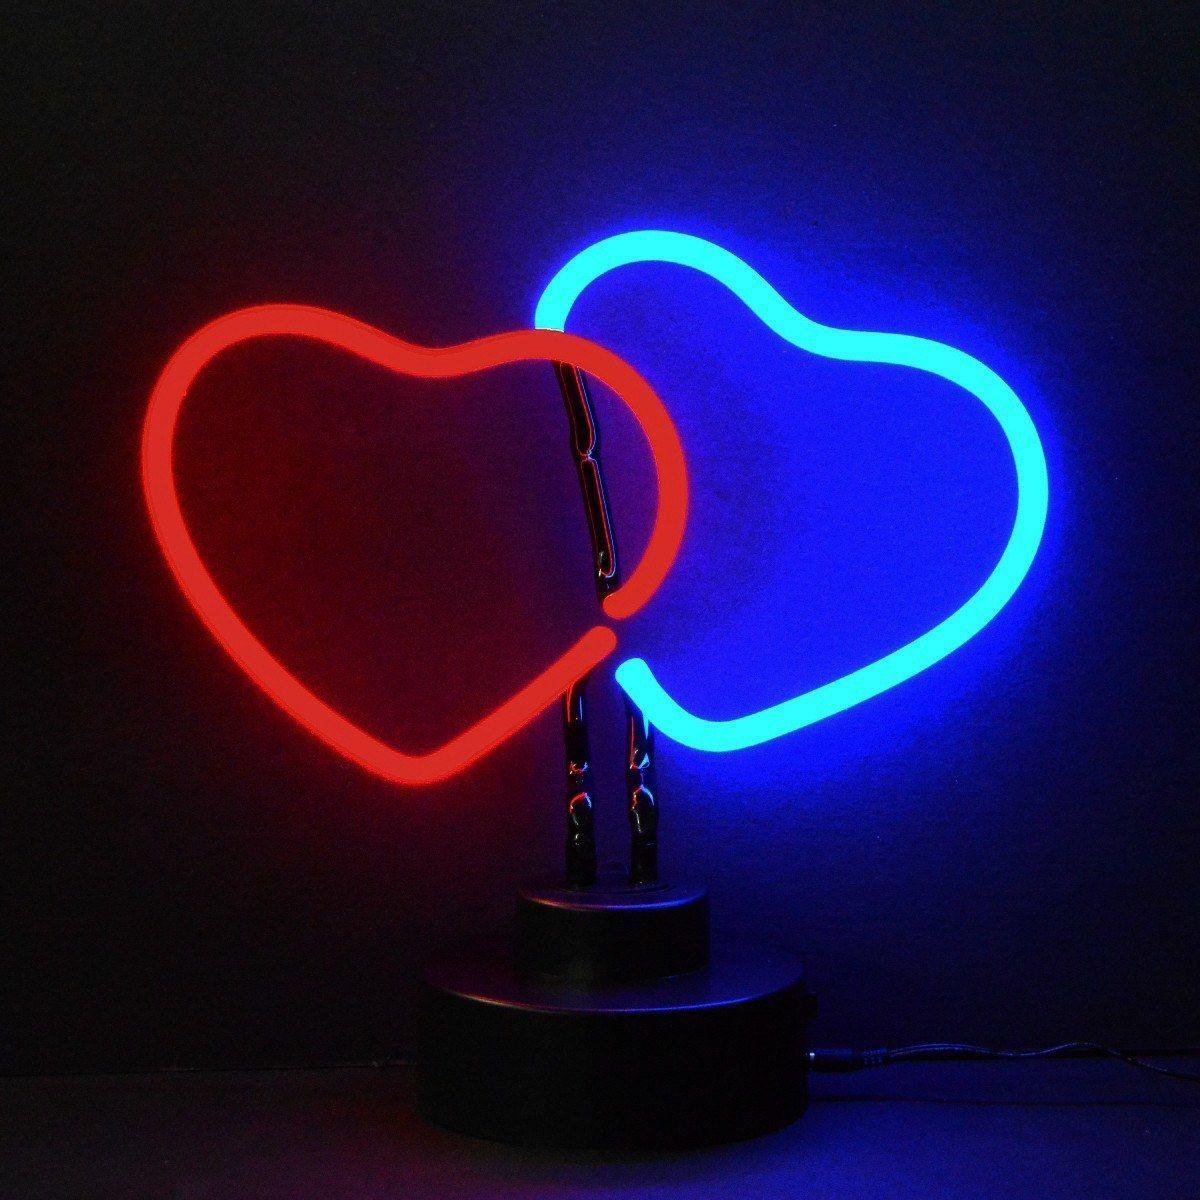 Double Hearts Neon Sculpture Neon Neon Lighting Neon Signs